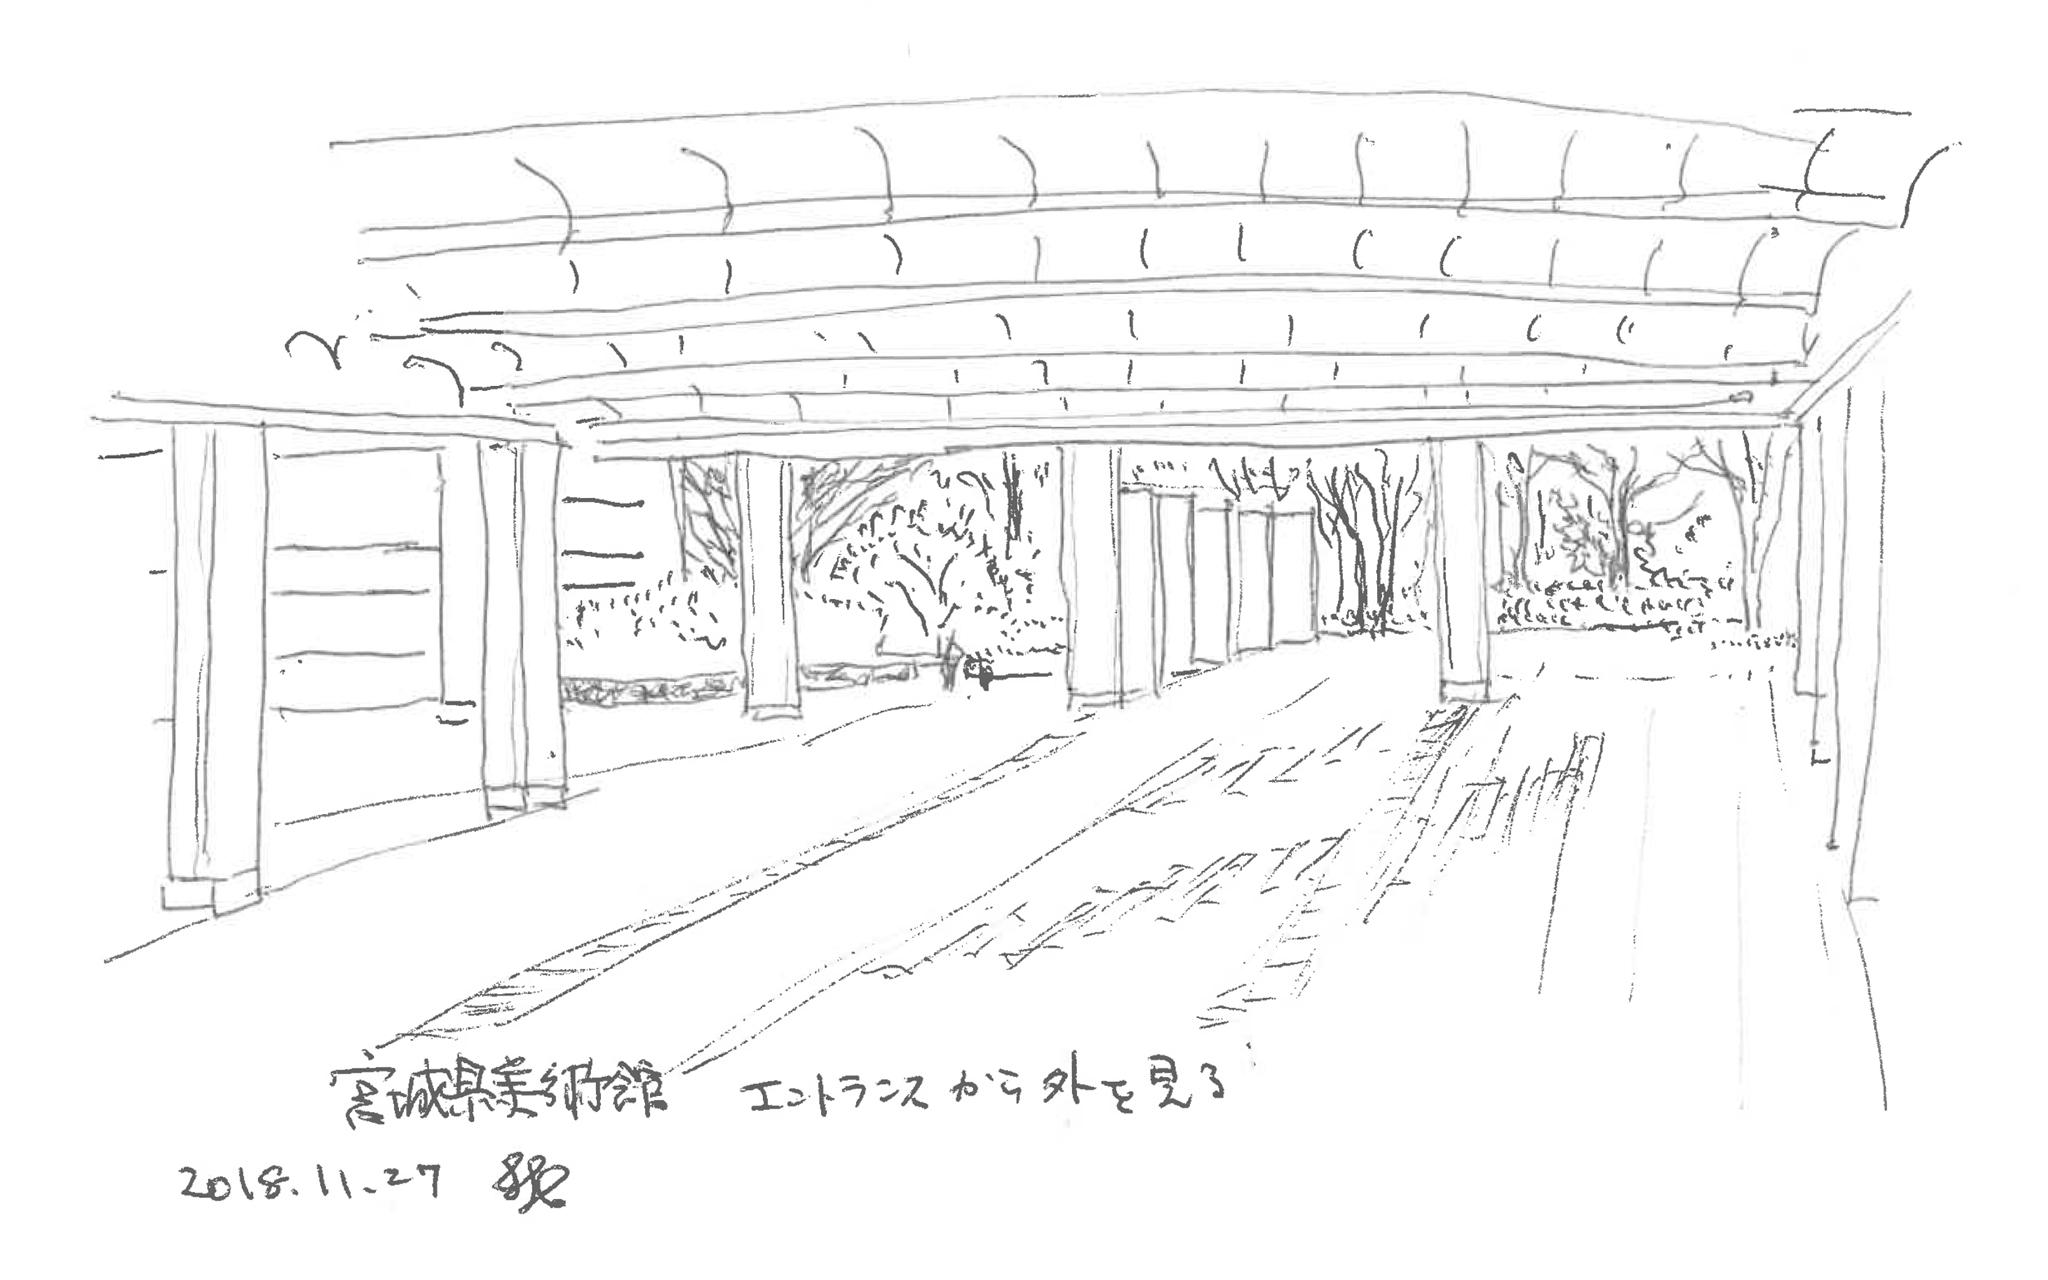 まちの中の建築スケッチ 宮城県美術館 エントランス